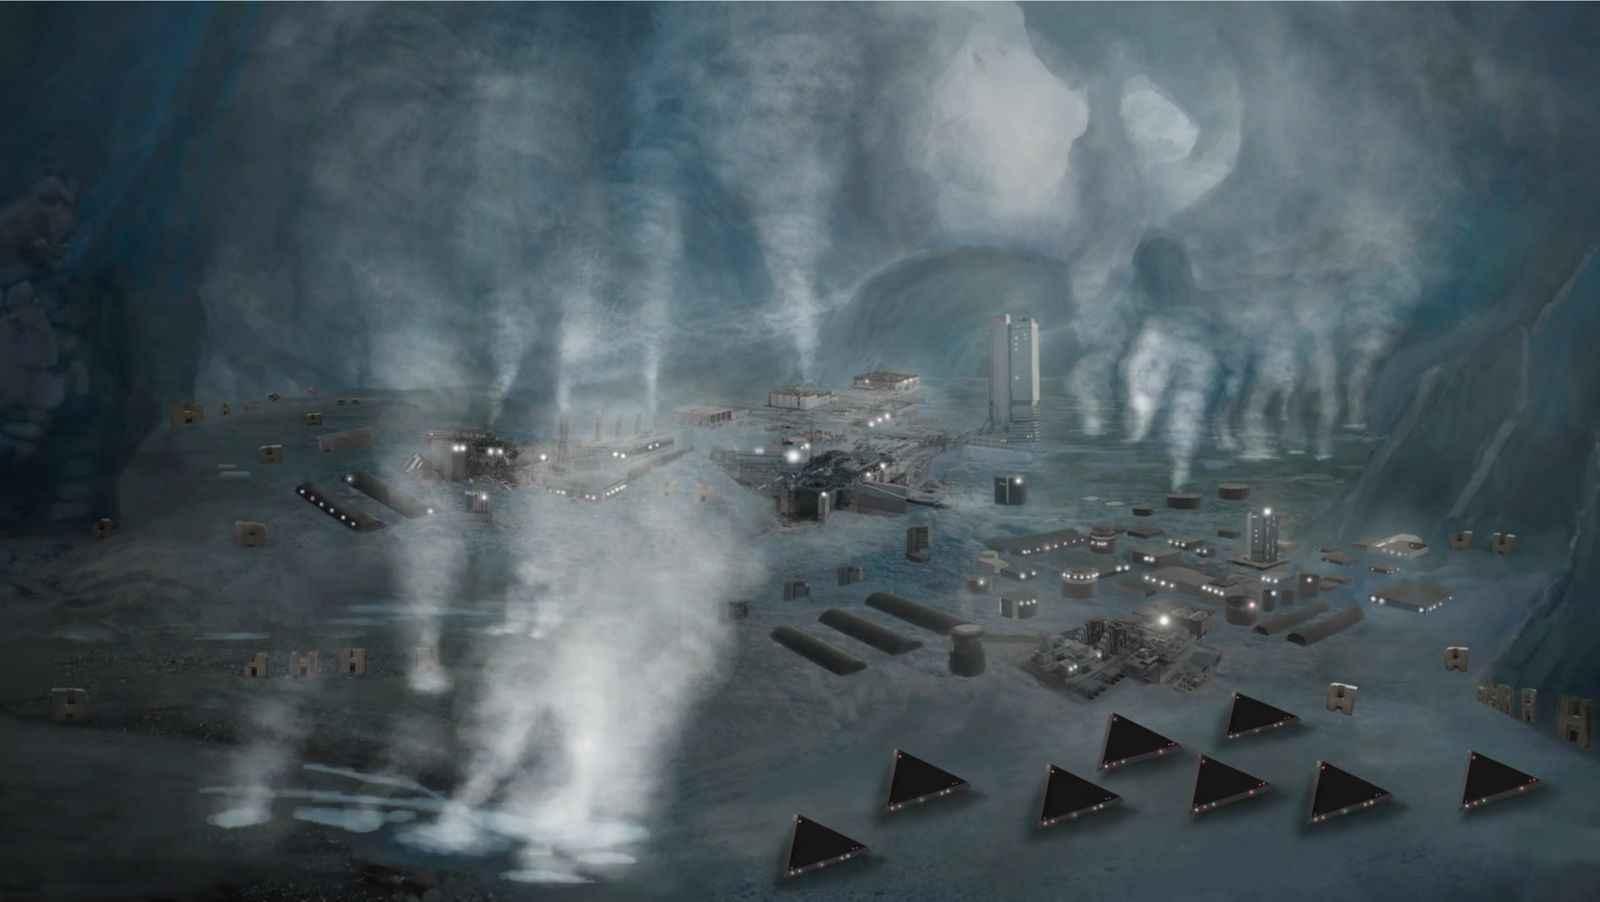 6_drawing_of_antarctica_base